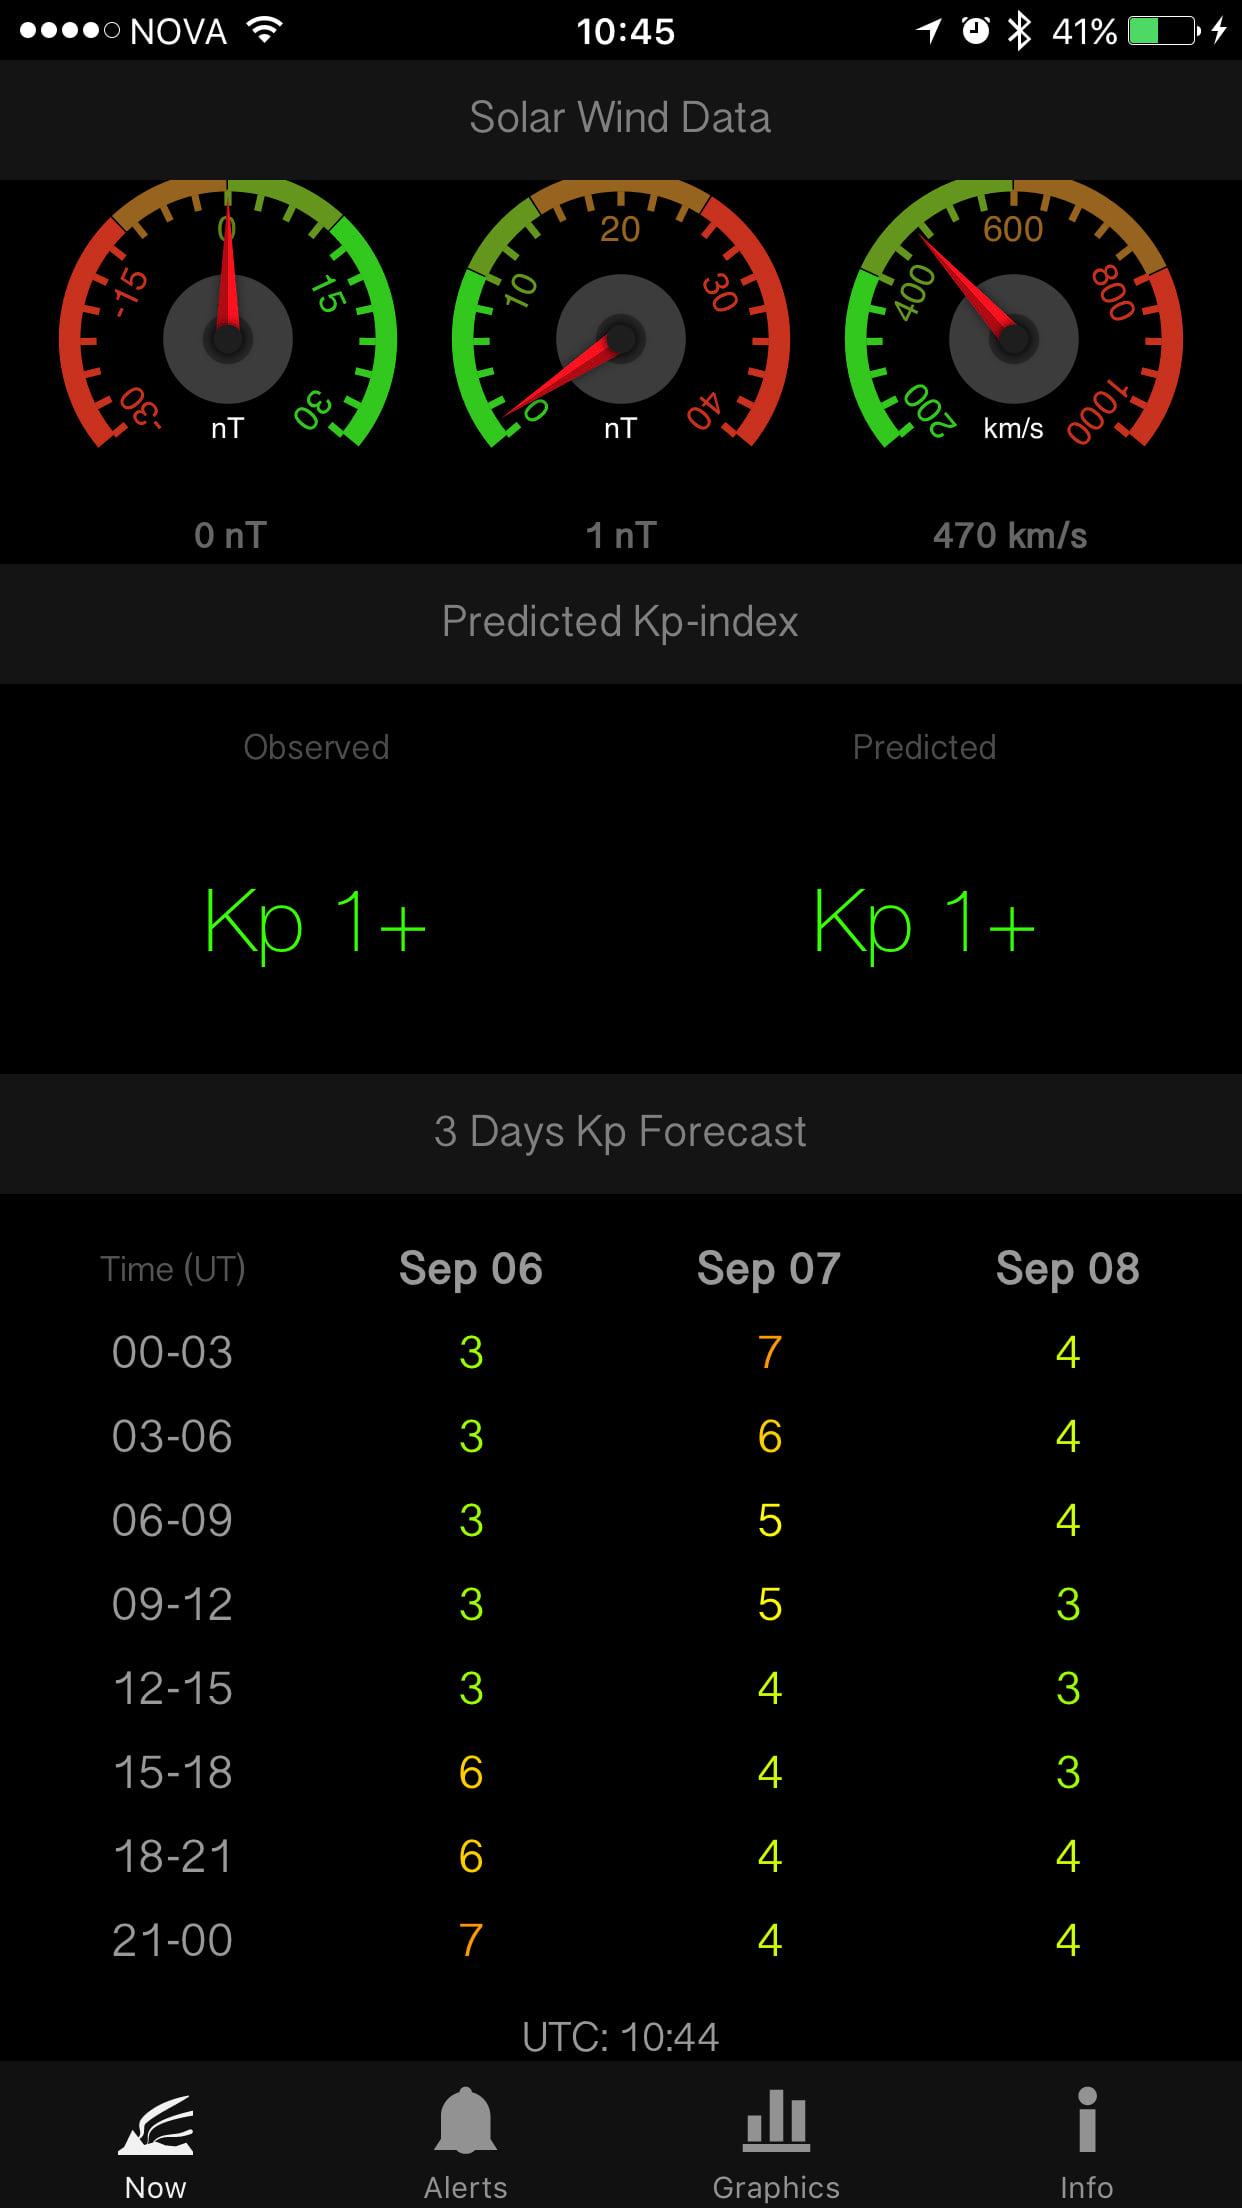 AuroraNow probability forecast